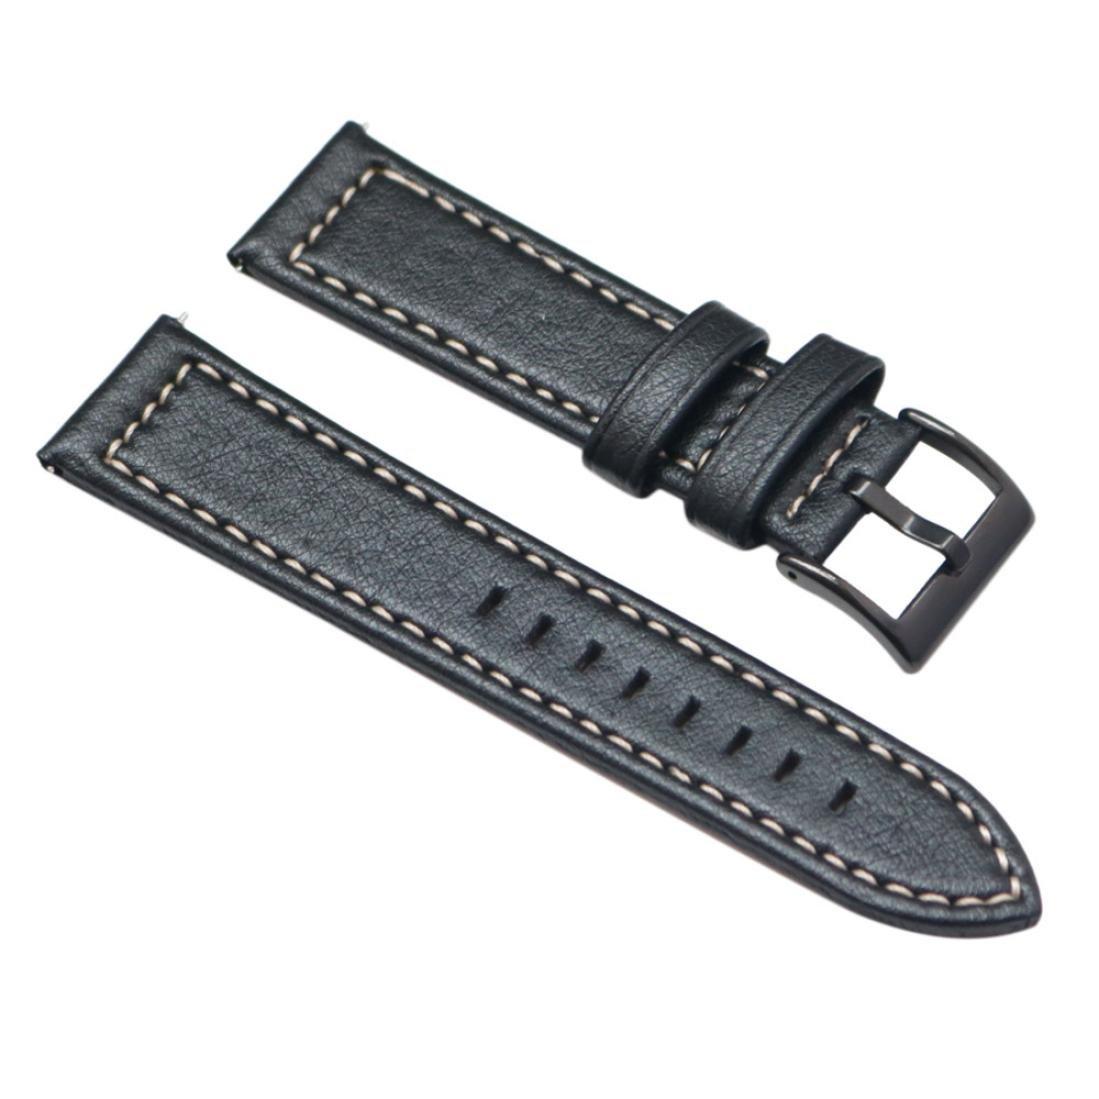 Tiean for Samsung Gearスポーツ、新しい高級レザーバンドブレスレット時計バンド ブラック  ブラック B0776CCLHP